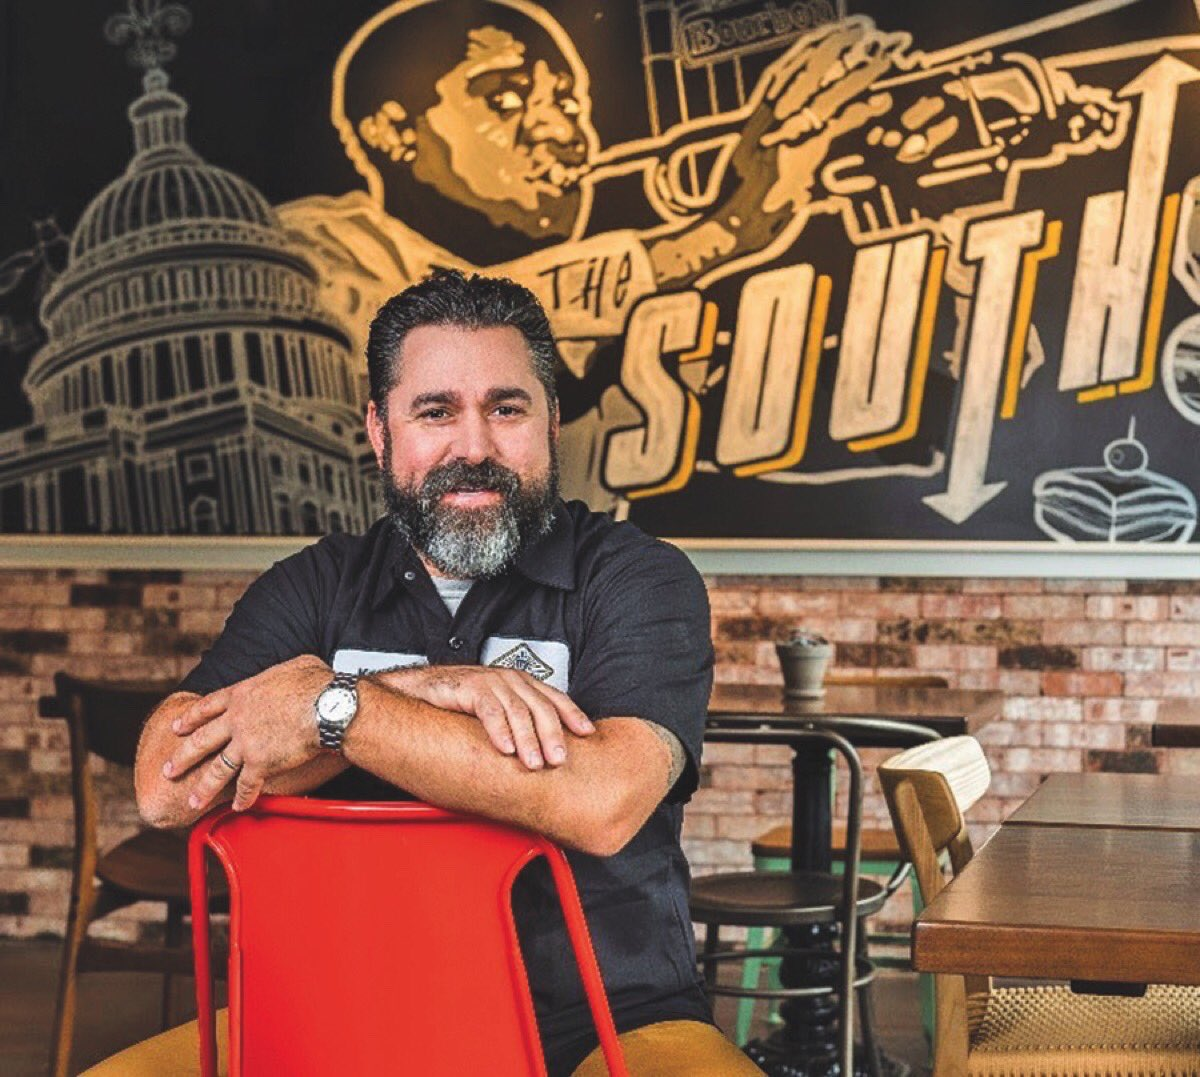 Tmrw in #TheDish: @ChefDavidGuas joins us on @CBSThisMorning Saturday https://t.co/YebgblMfUz